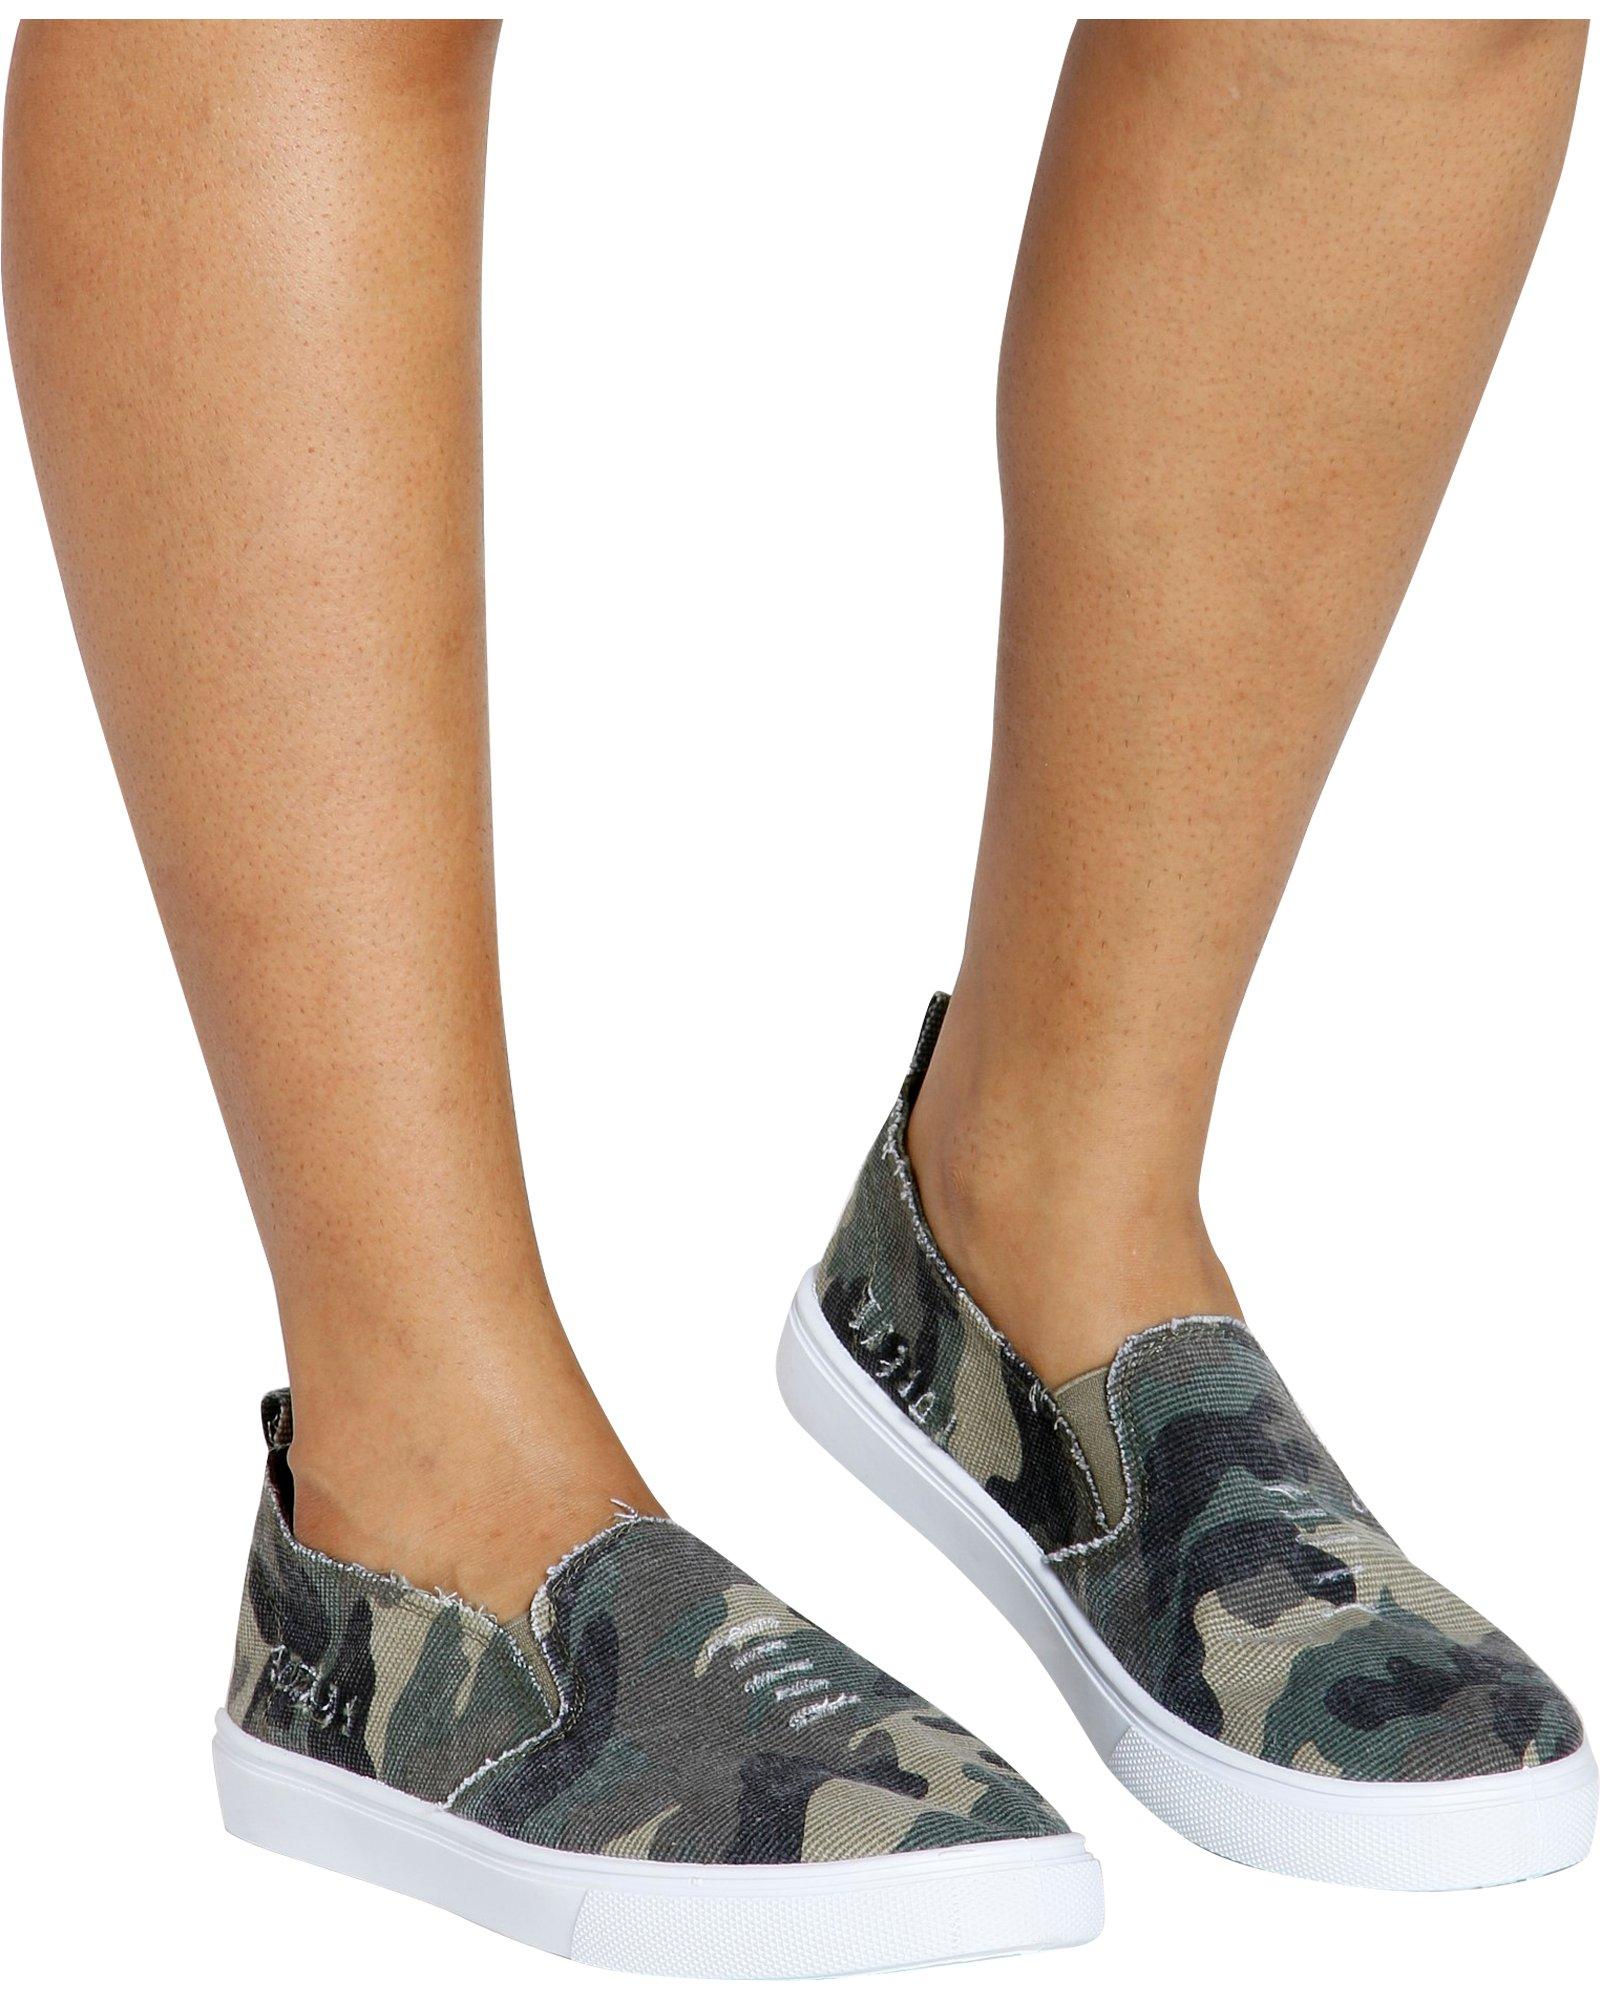 Love University Women's Hide & Seek Twin Gore Slip On Camouflage Fashion Sneaker - Camo,Camo,7